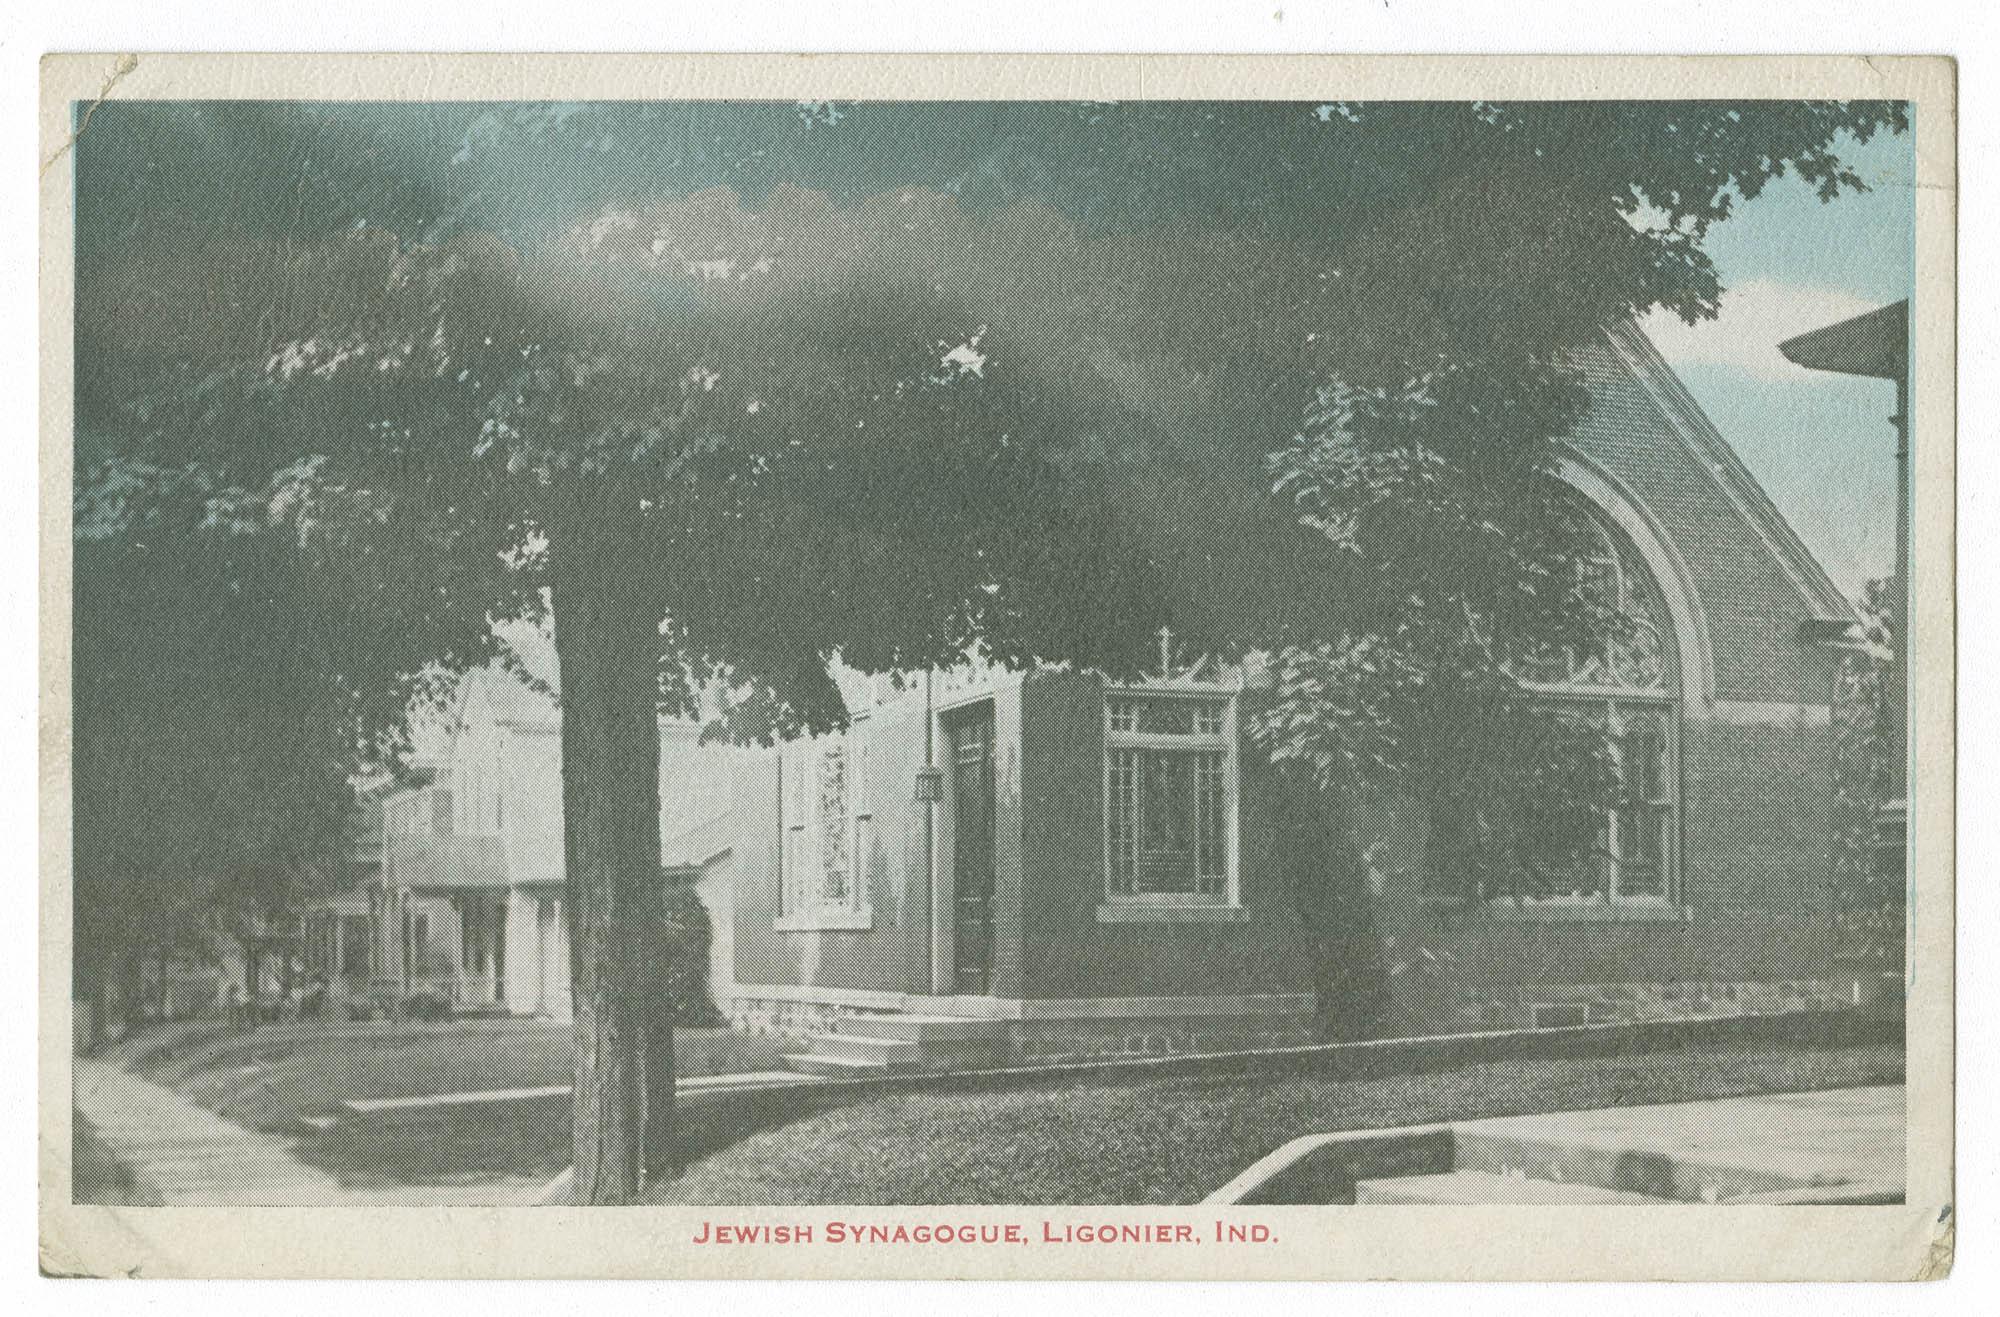 Jewish Synagogue, Ligonier, Ind.